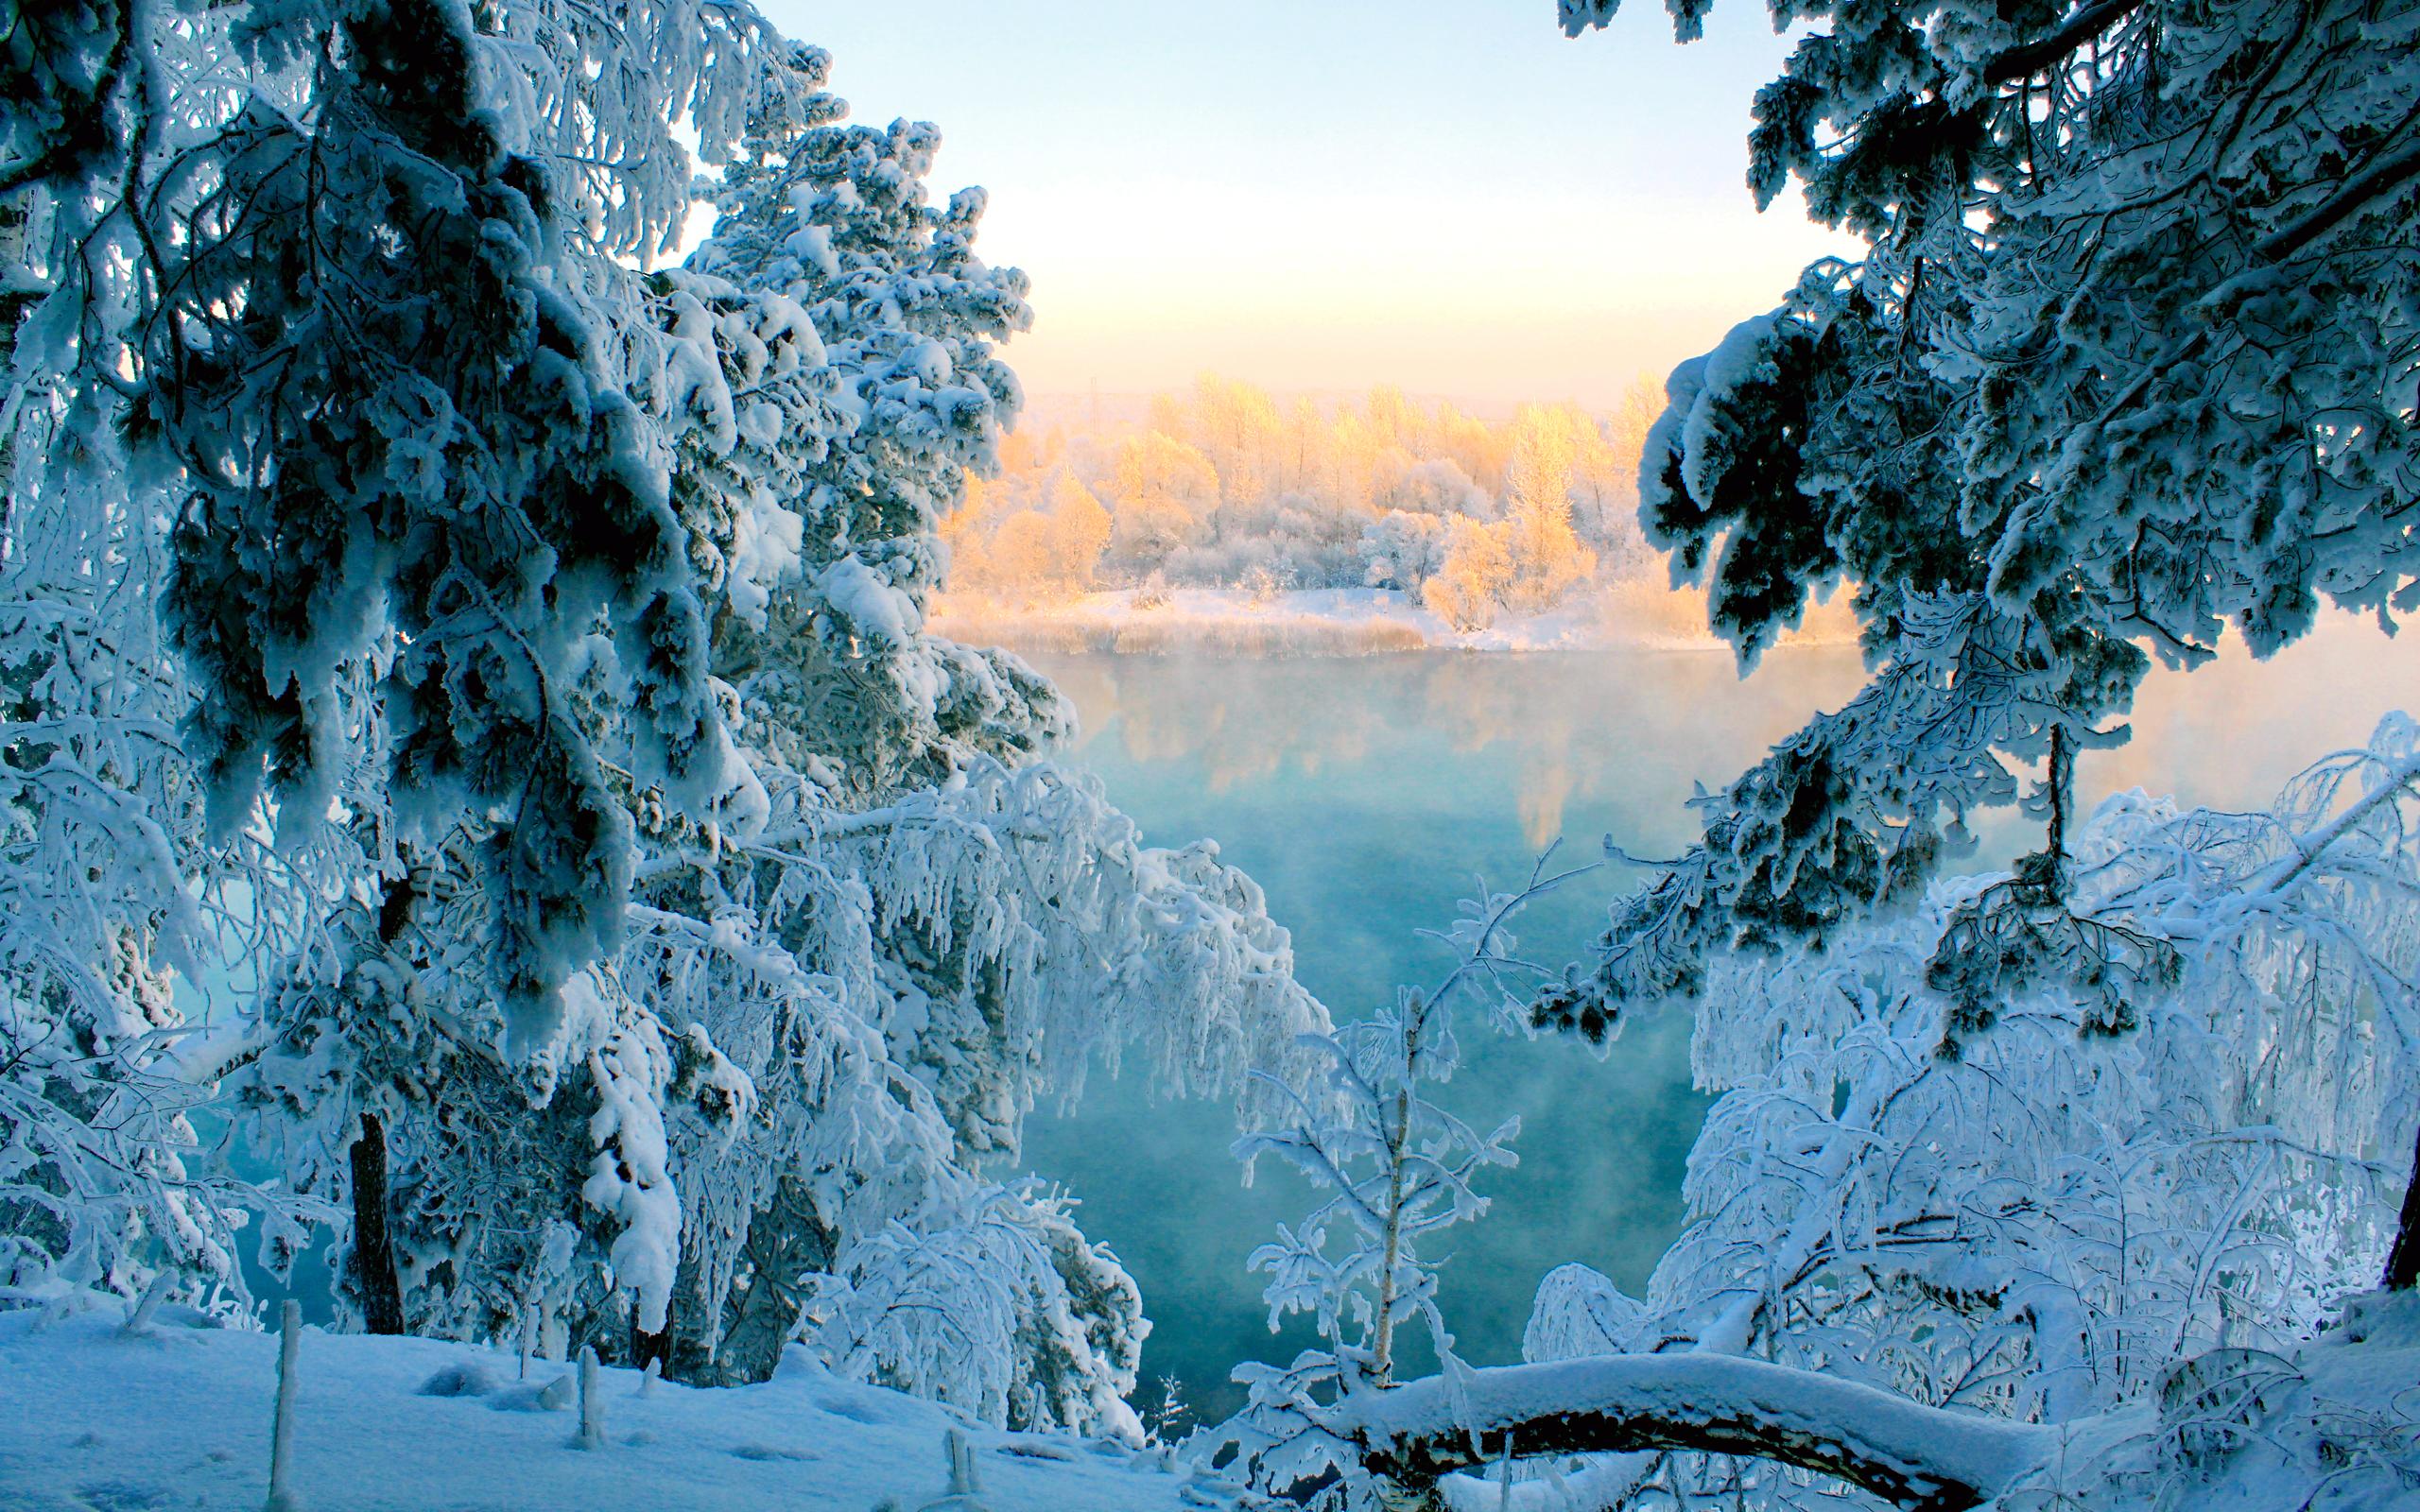 обои зима на рабочий стол пейзаж № 640770  скачать